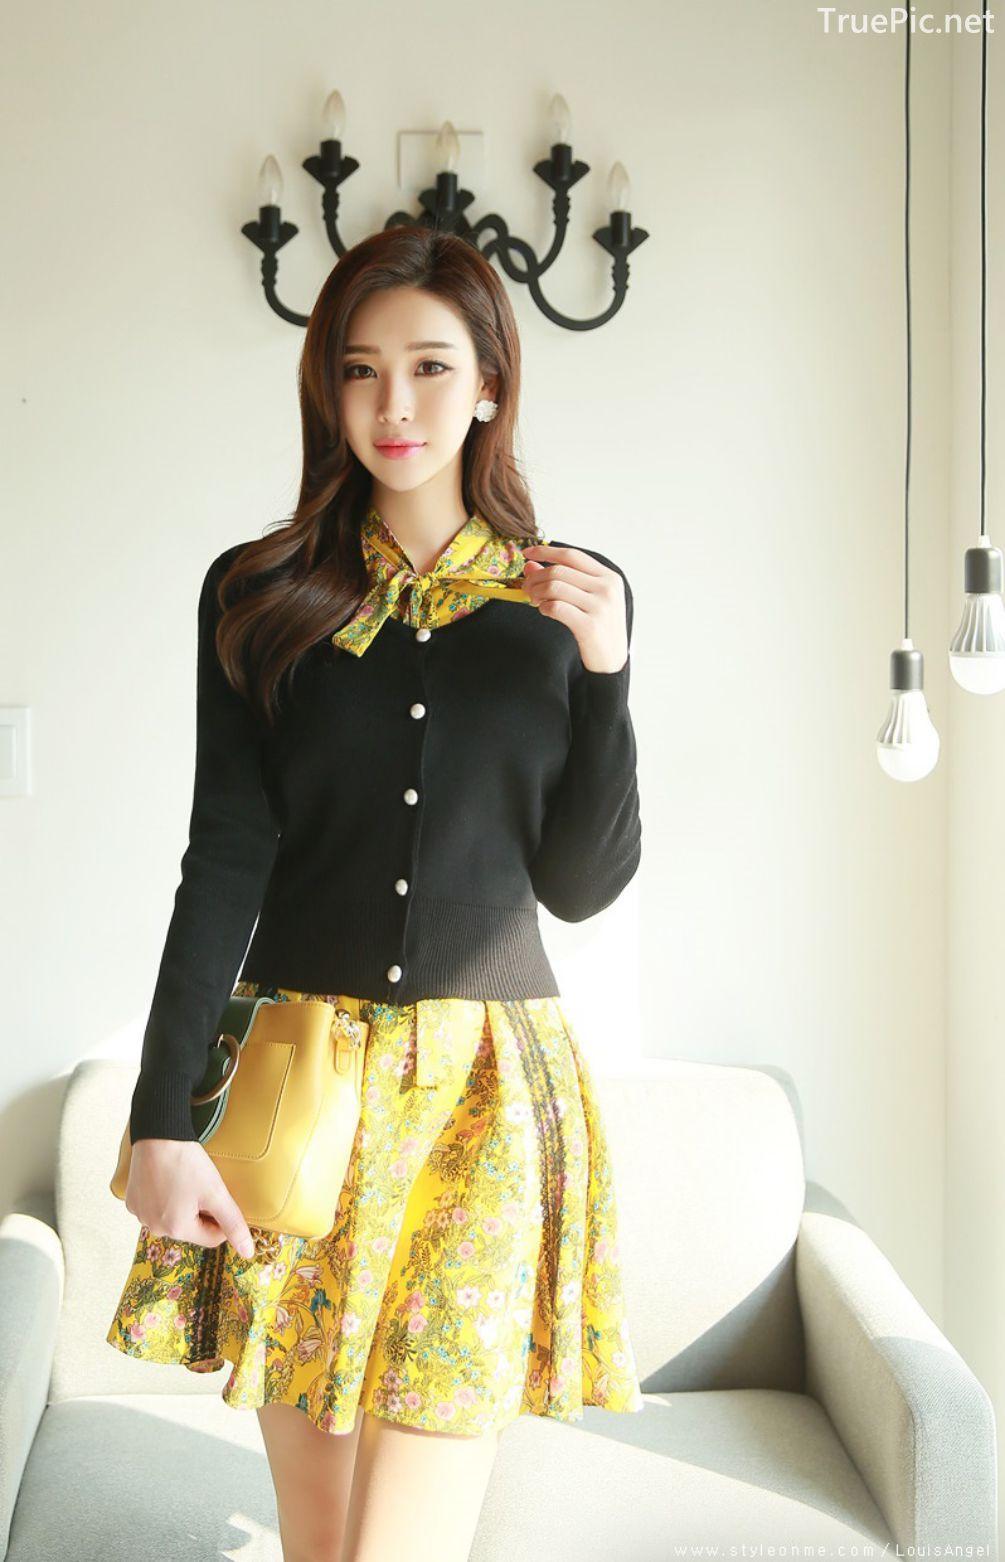 χιуєσи | Park si yeon, Kpop girls, Girl bands